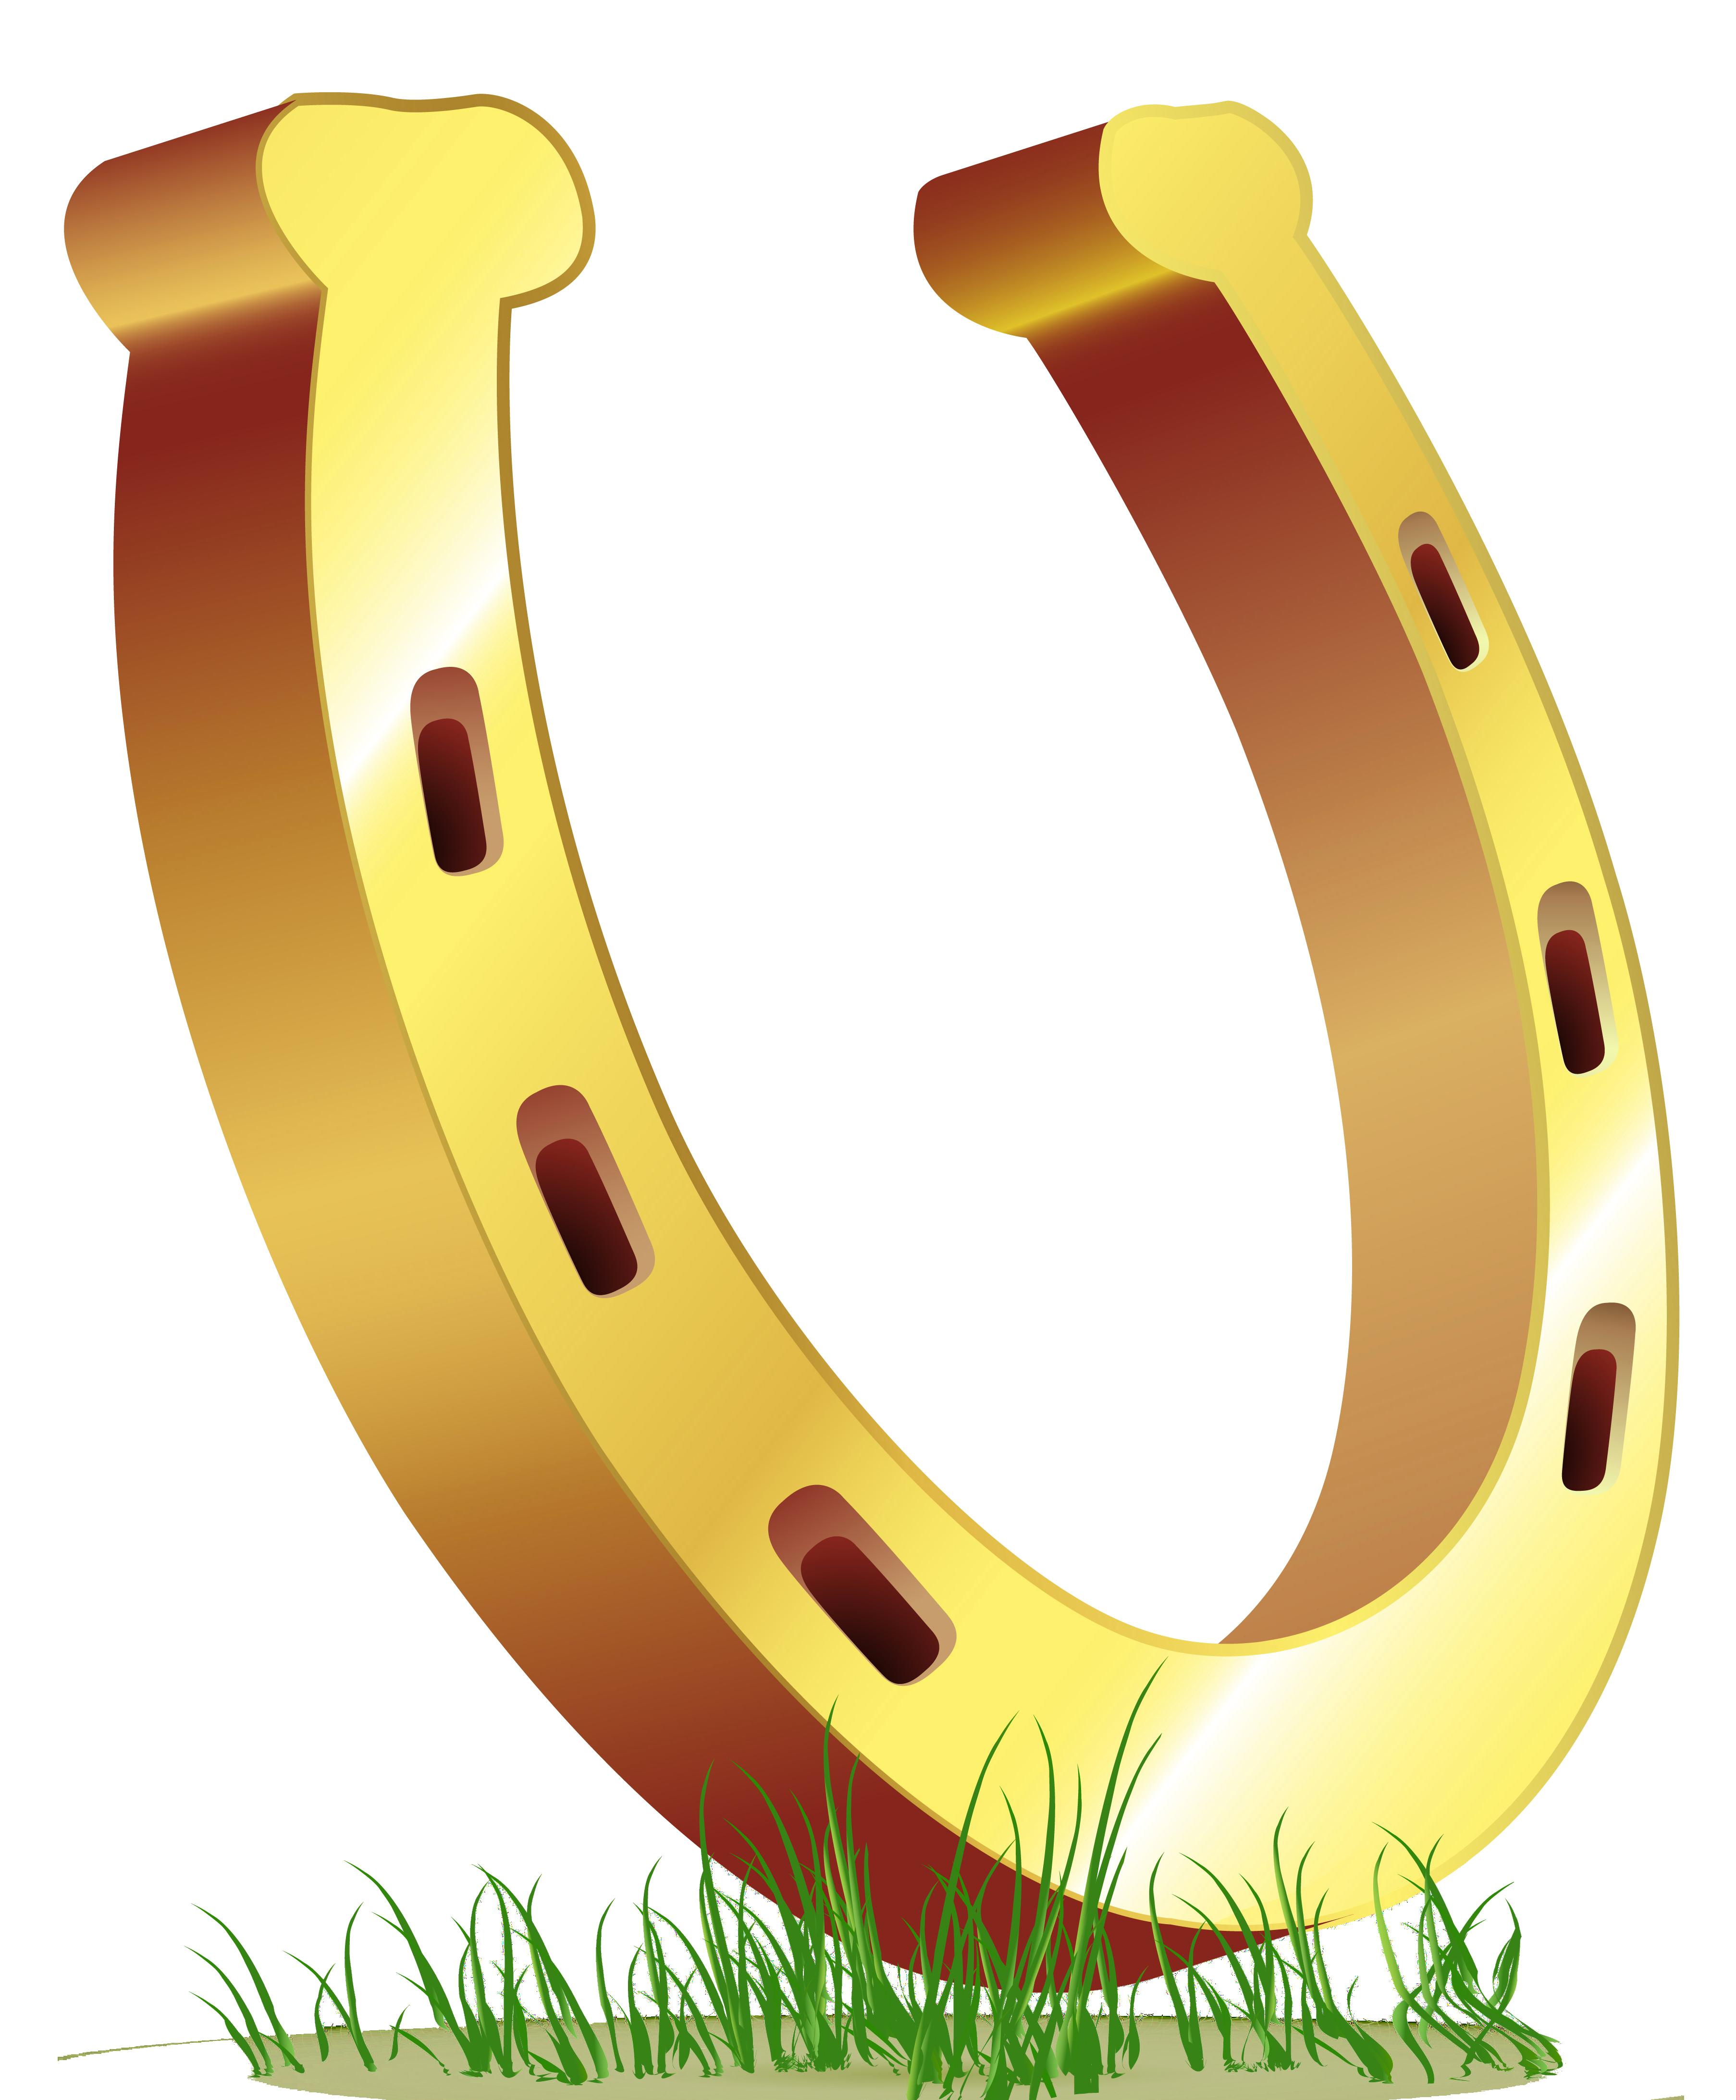 Horseshoe star clipart jpg library stock Wedding horseshoe clipart - ClipartFest jpg library stock